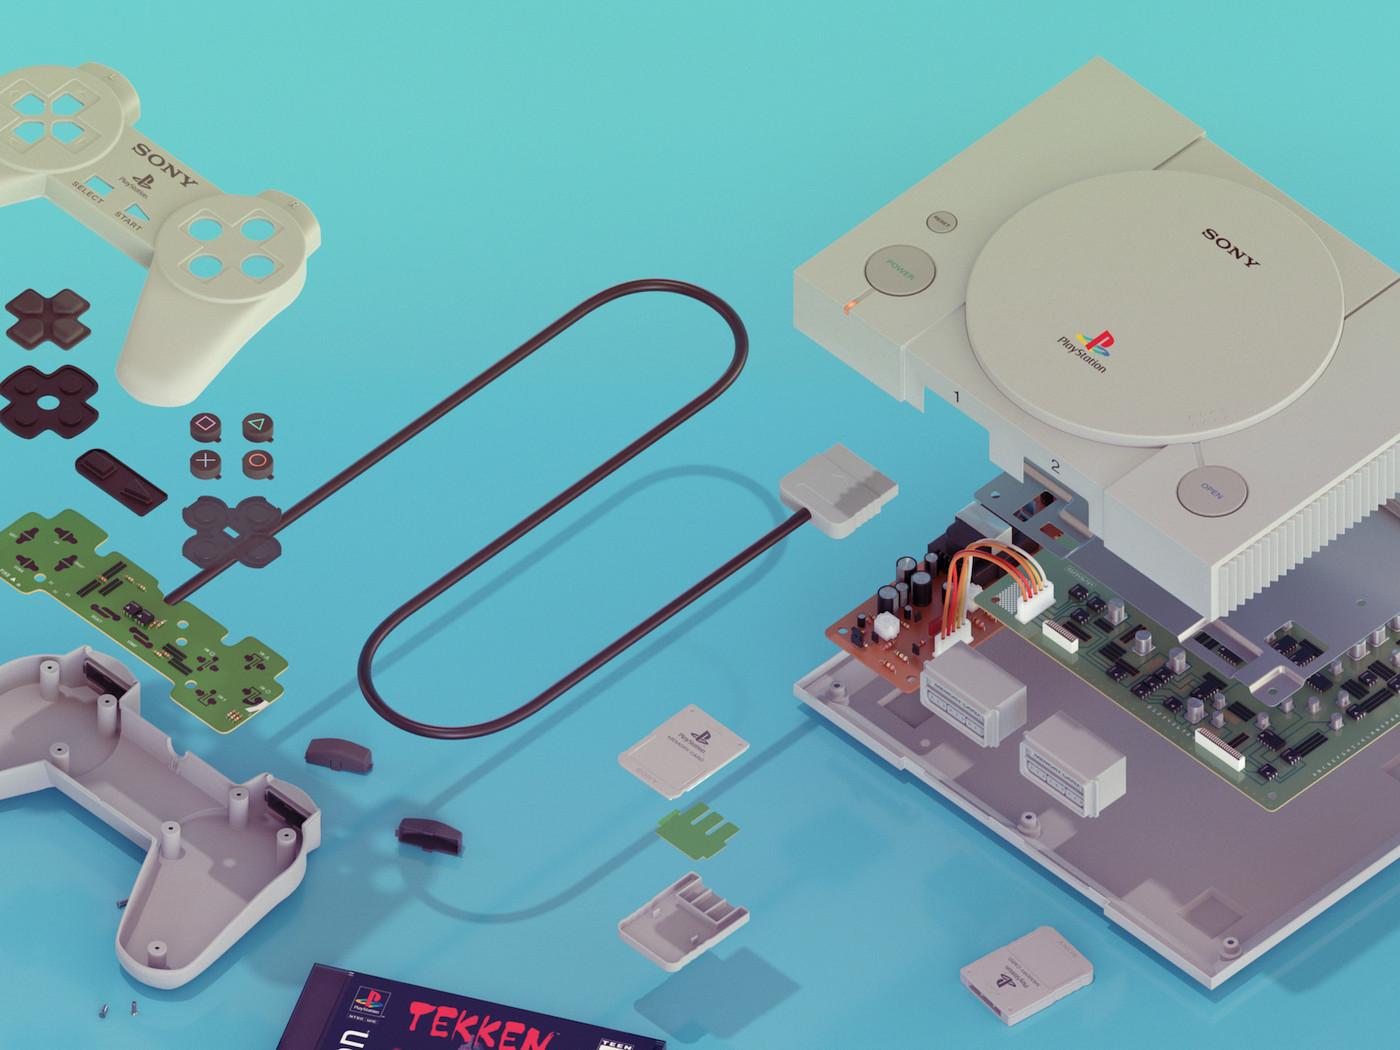 The legacy of PlayStation creator Ken Kutaragi, in 24